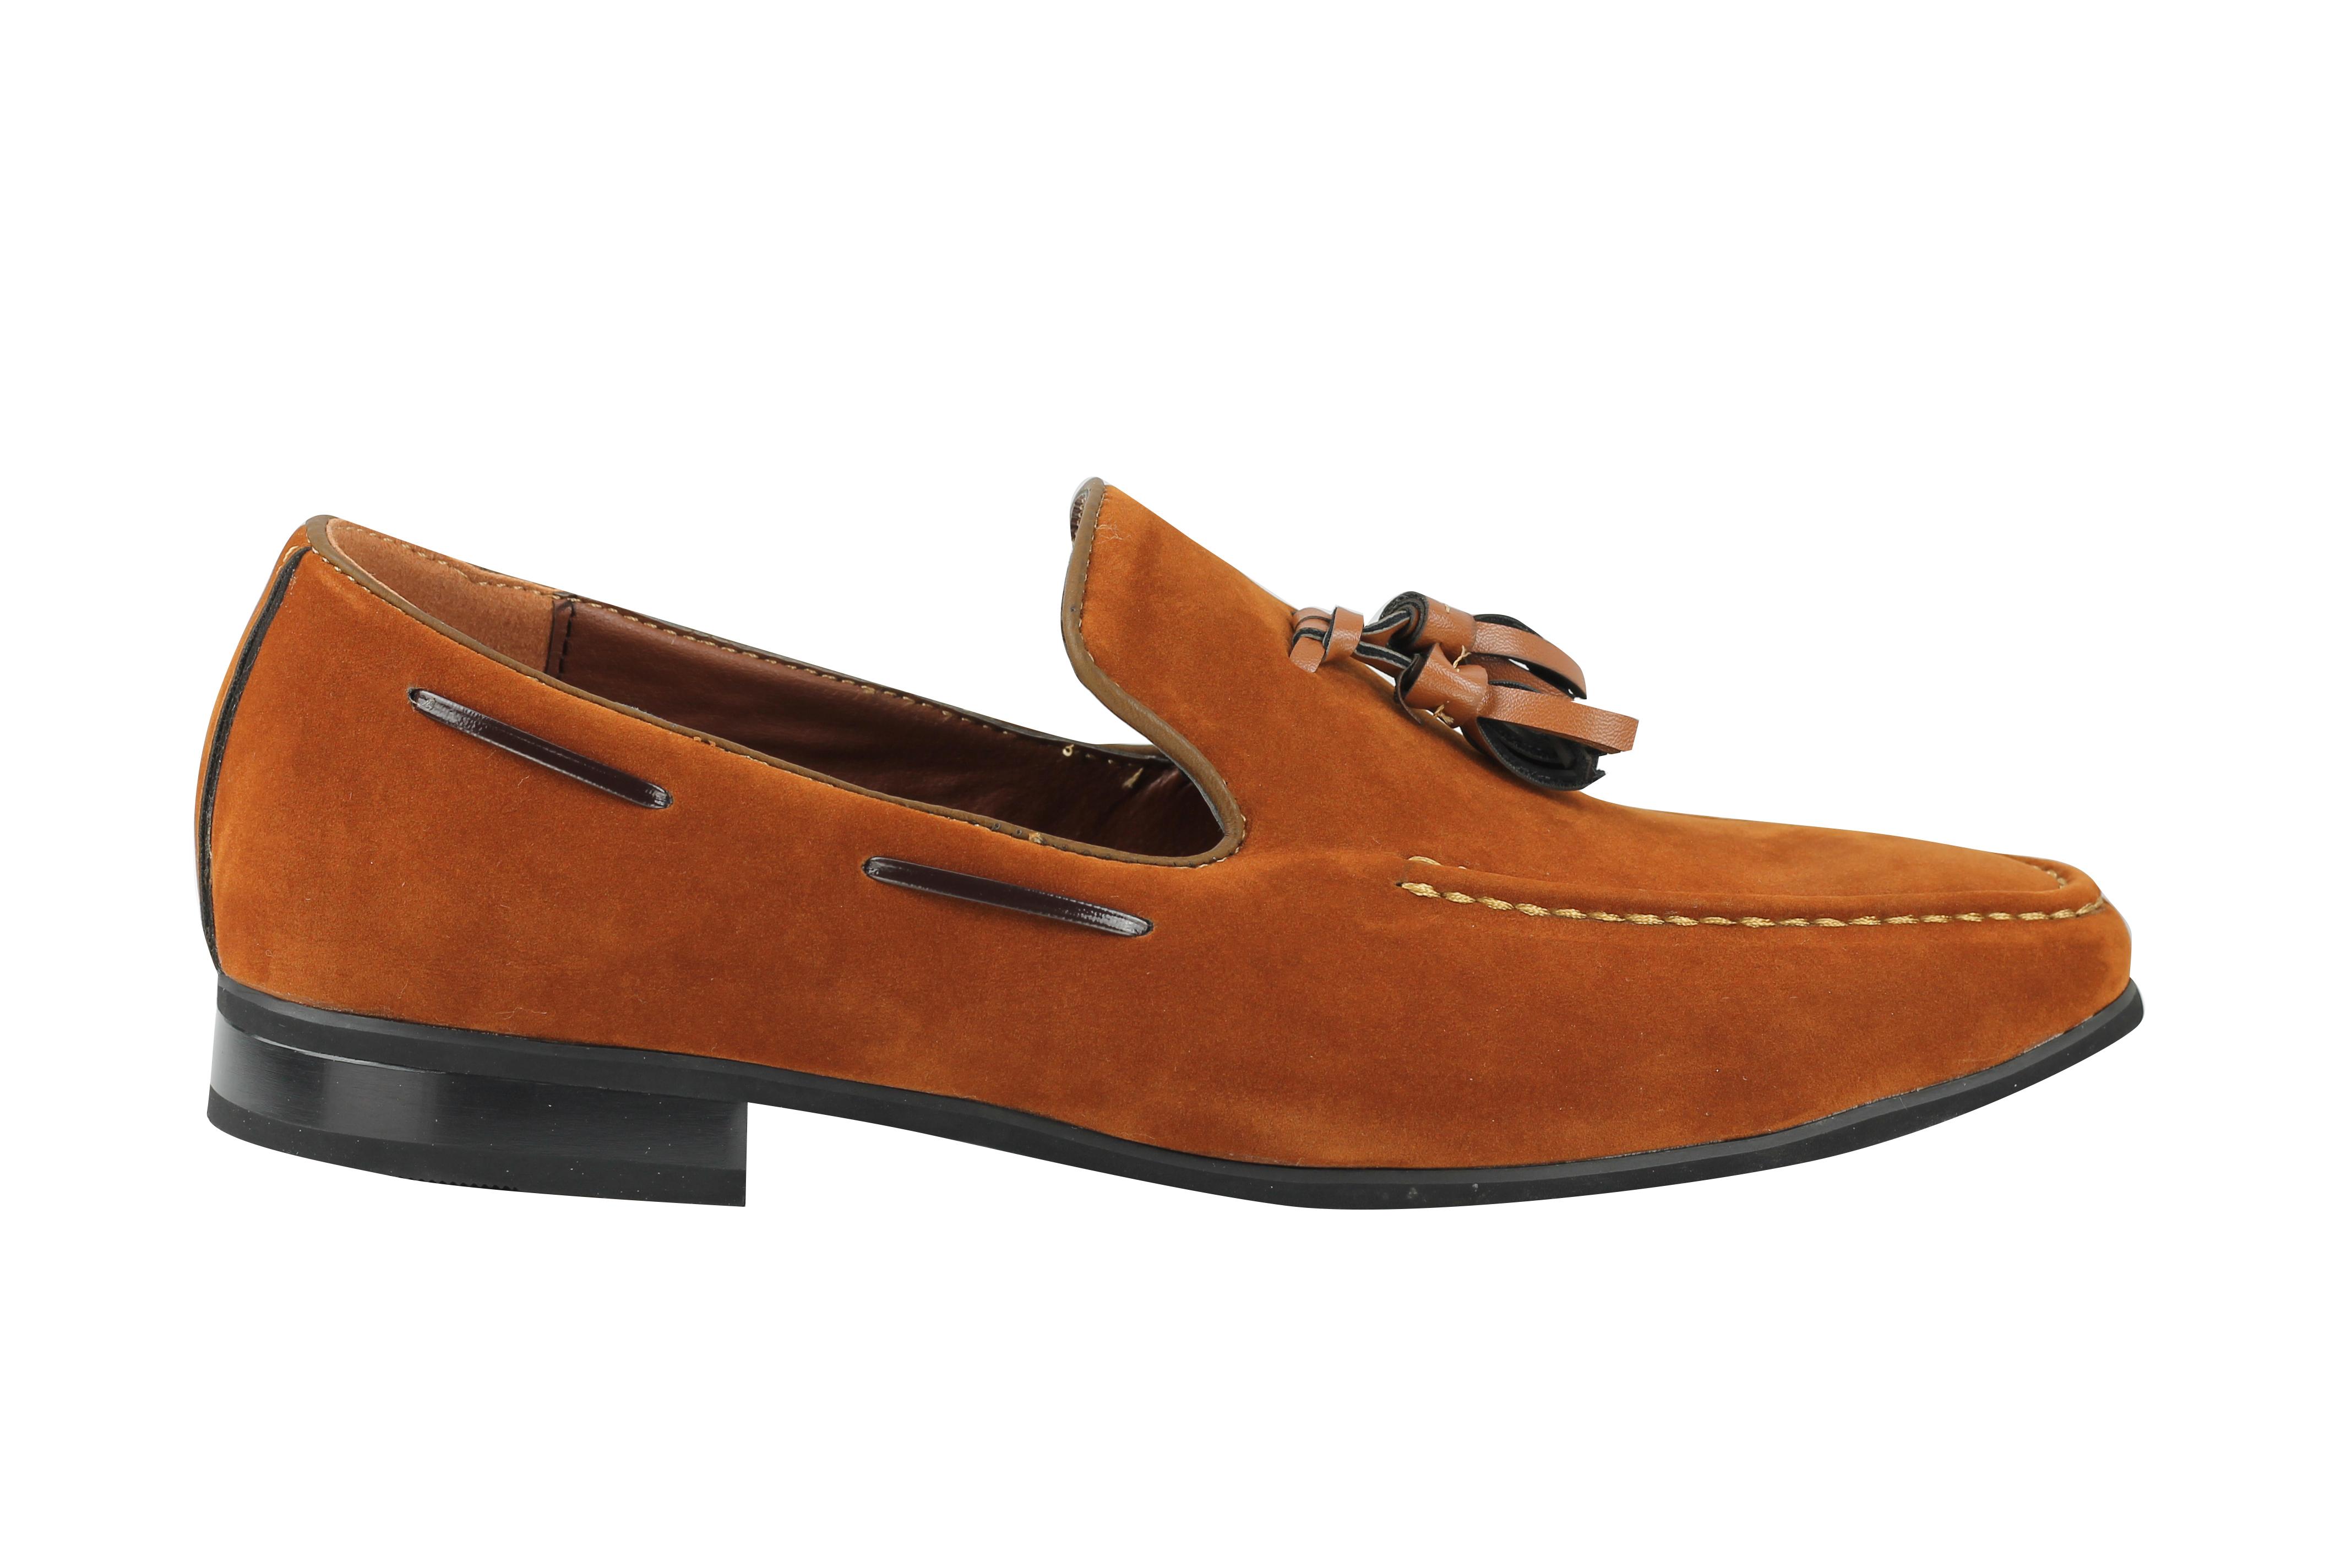 Nouveau homme en daim synthétique cuir à gland mocassins smart conduite à enfiler chaussures taille 6 12